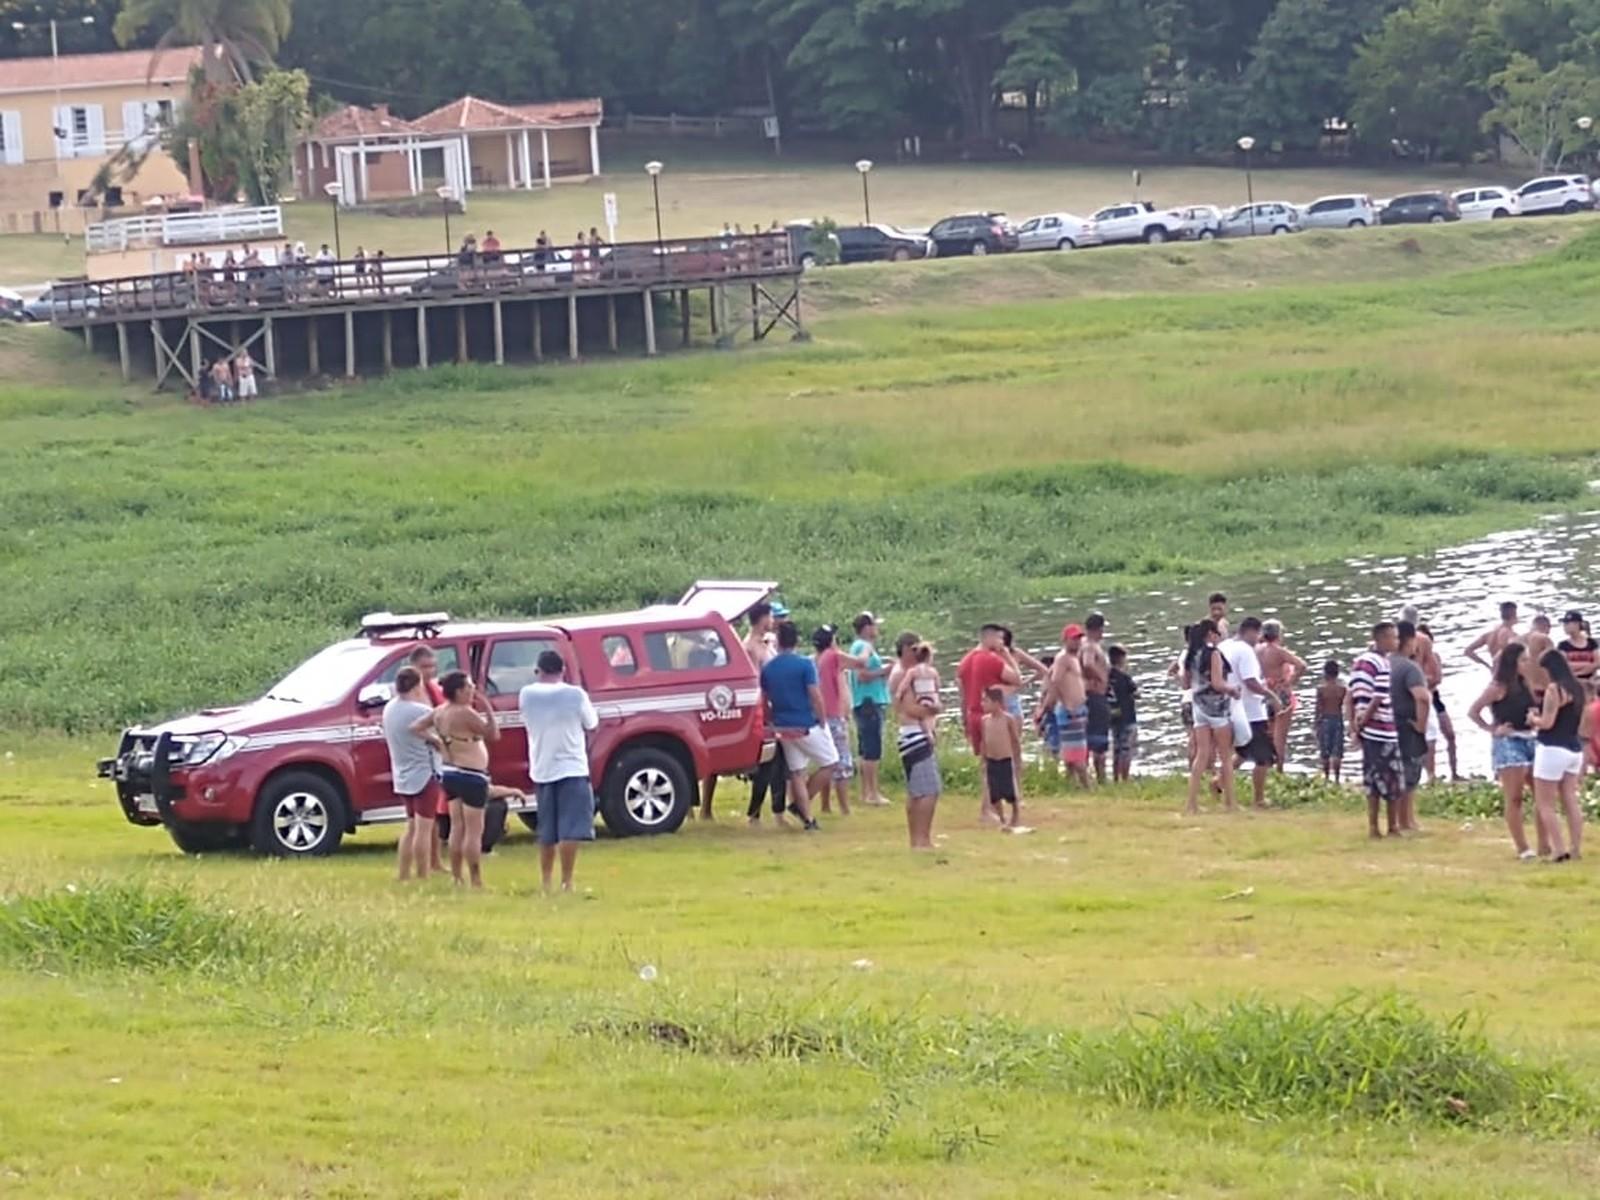 Corpo de Bombeiros faz buscas por pessoa que se afogou em rio de Botucatu — Foto: Arquivo Pessoal/Caren Fernanda Benevides de Almeida